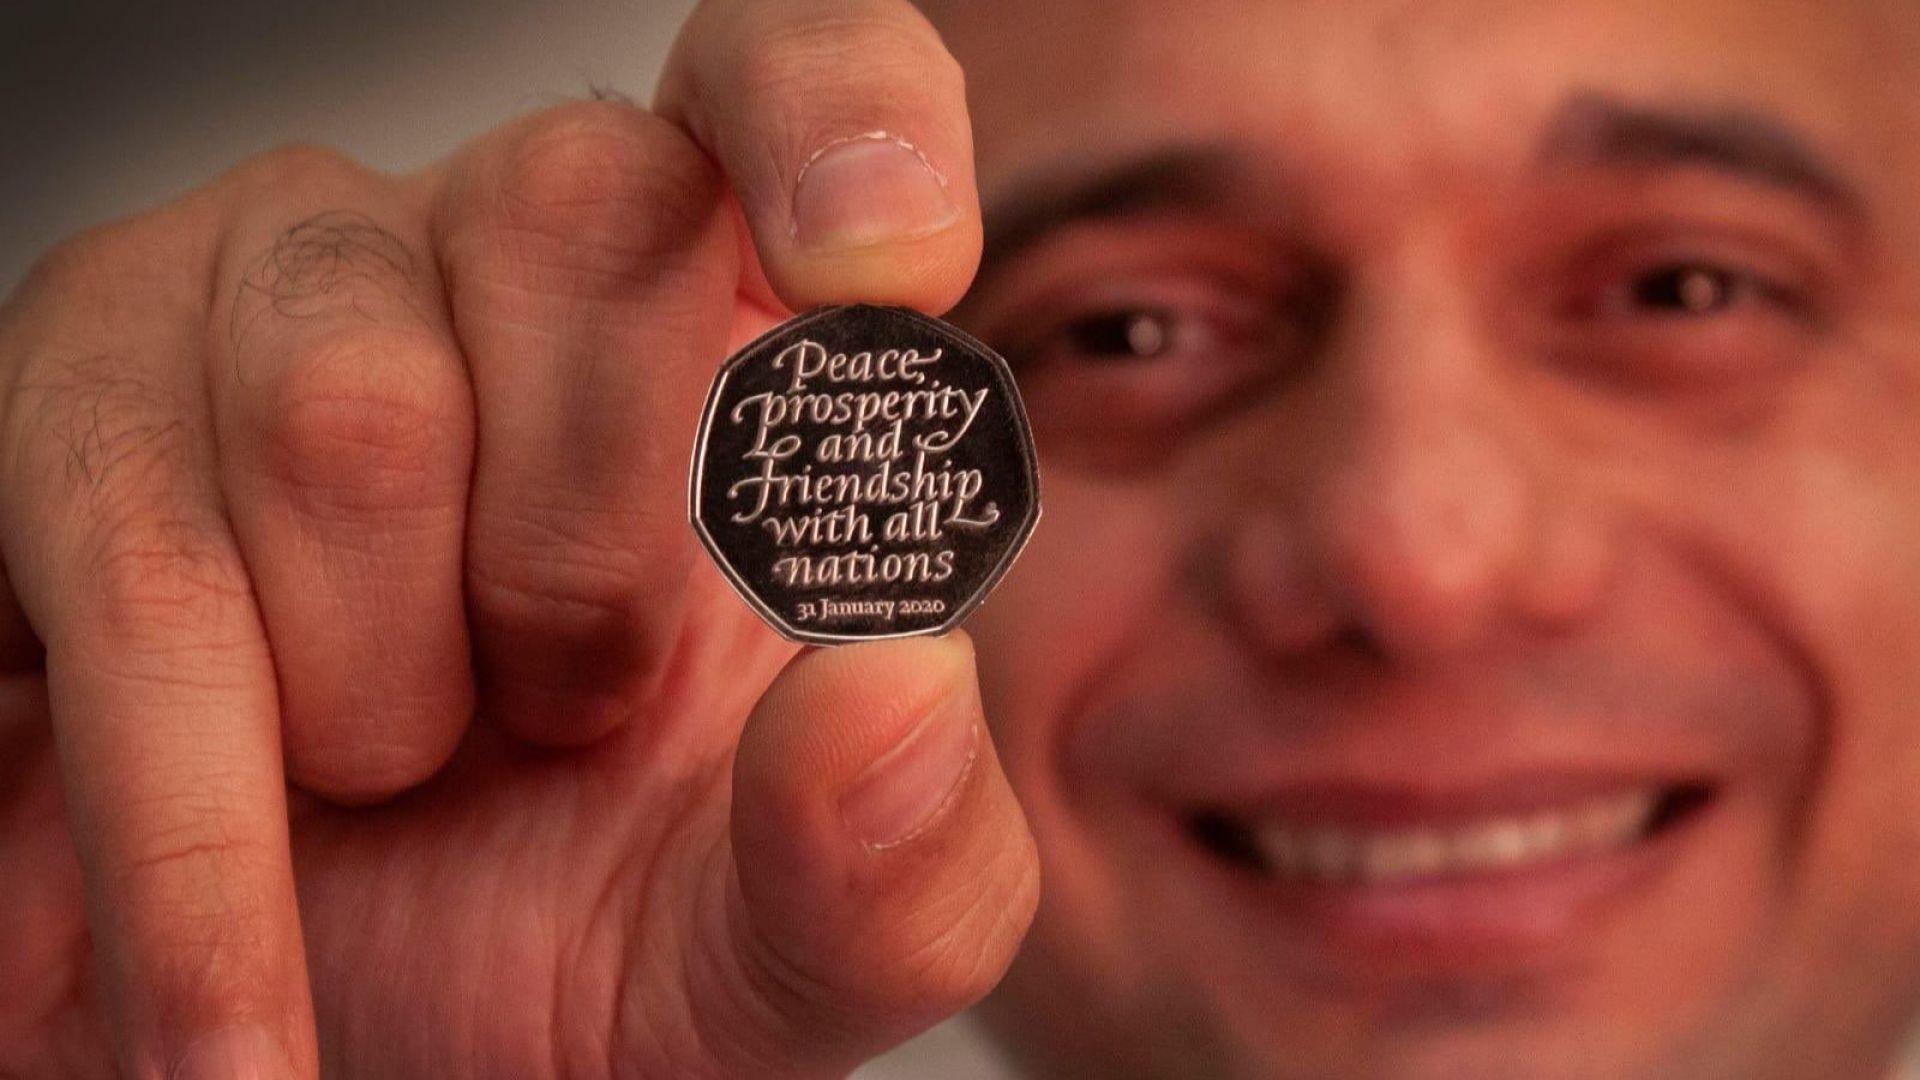 Показаха монетата от 50 пенса, която ще бъде пусната по случай Брекзит (снимки)